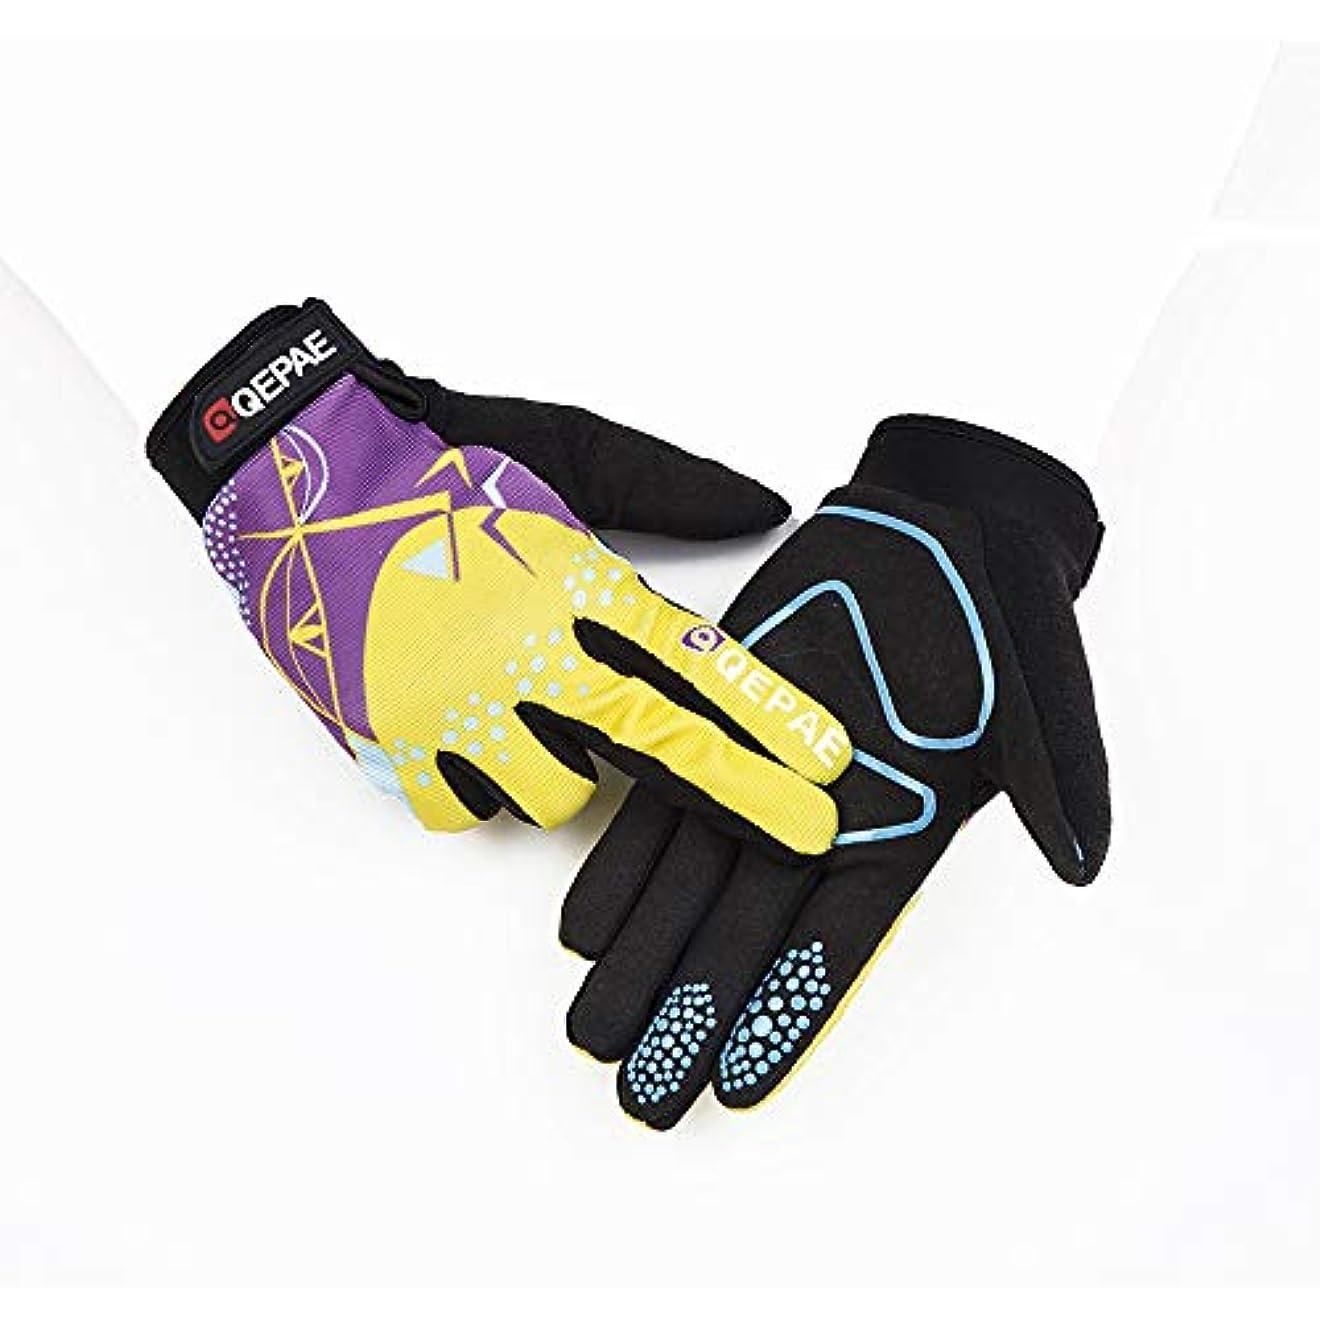 打ち上げる同種のローブ手袋、自転車用手袋、伸縮性がある生地、柔らかく、速乾性の通気性、肥厚した衝撃吸収パッド、滑り止めの指先,S